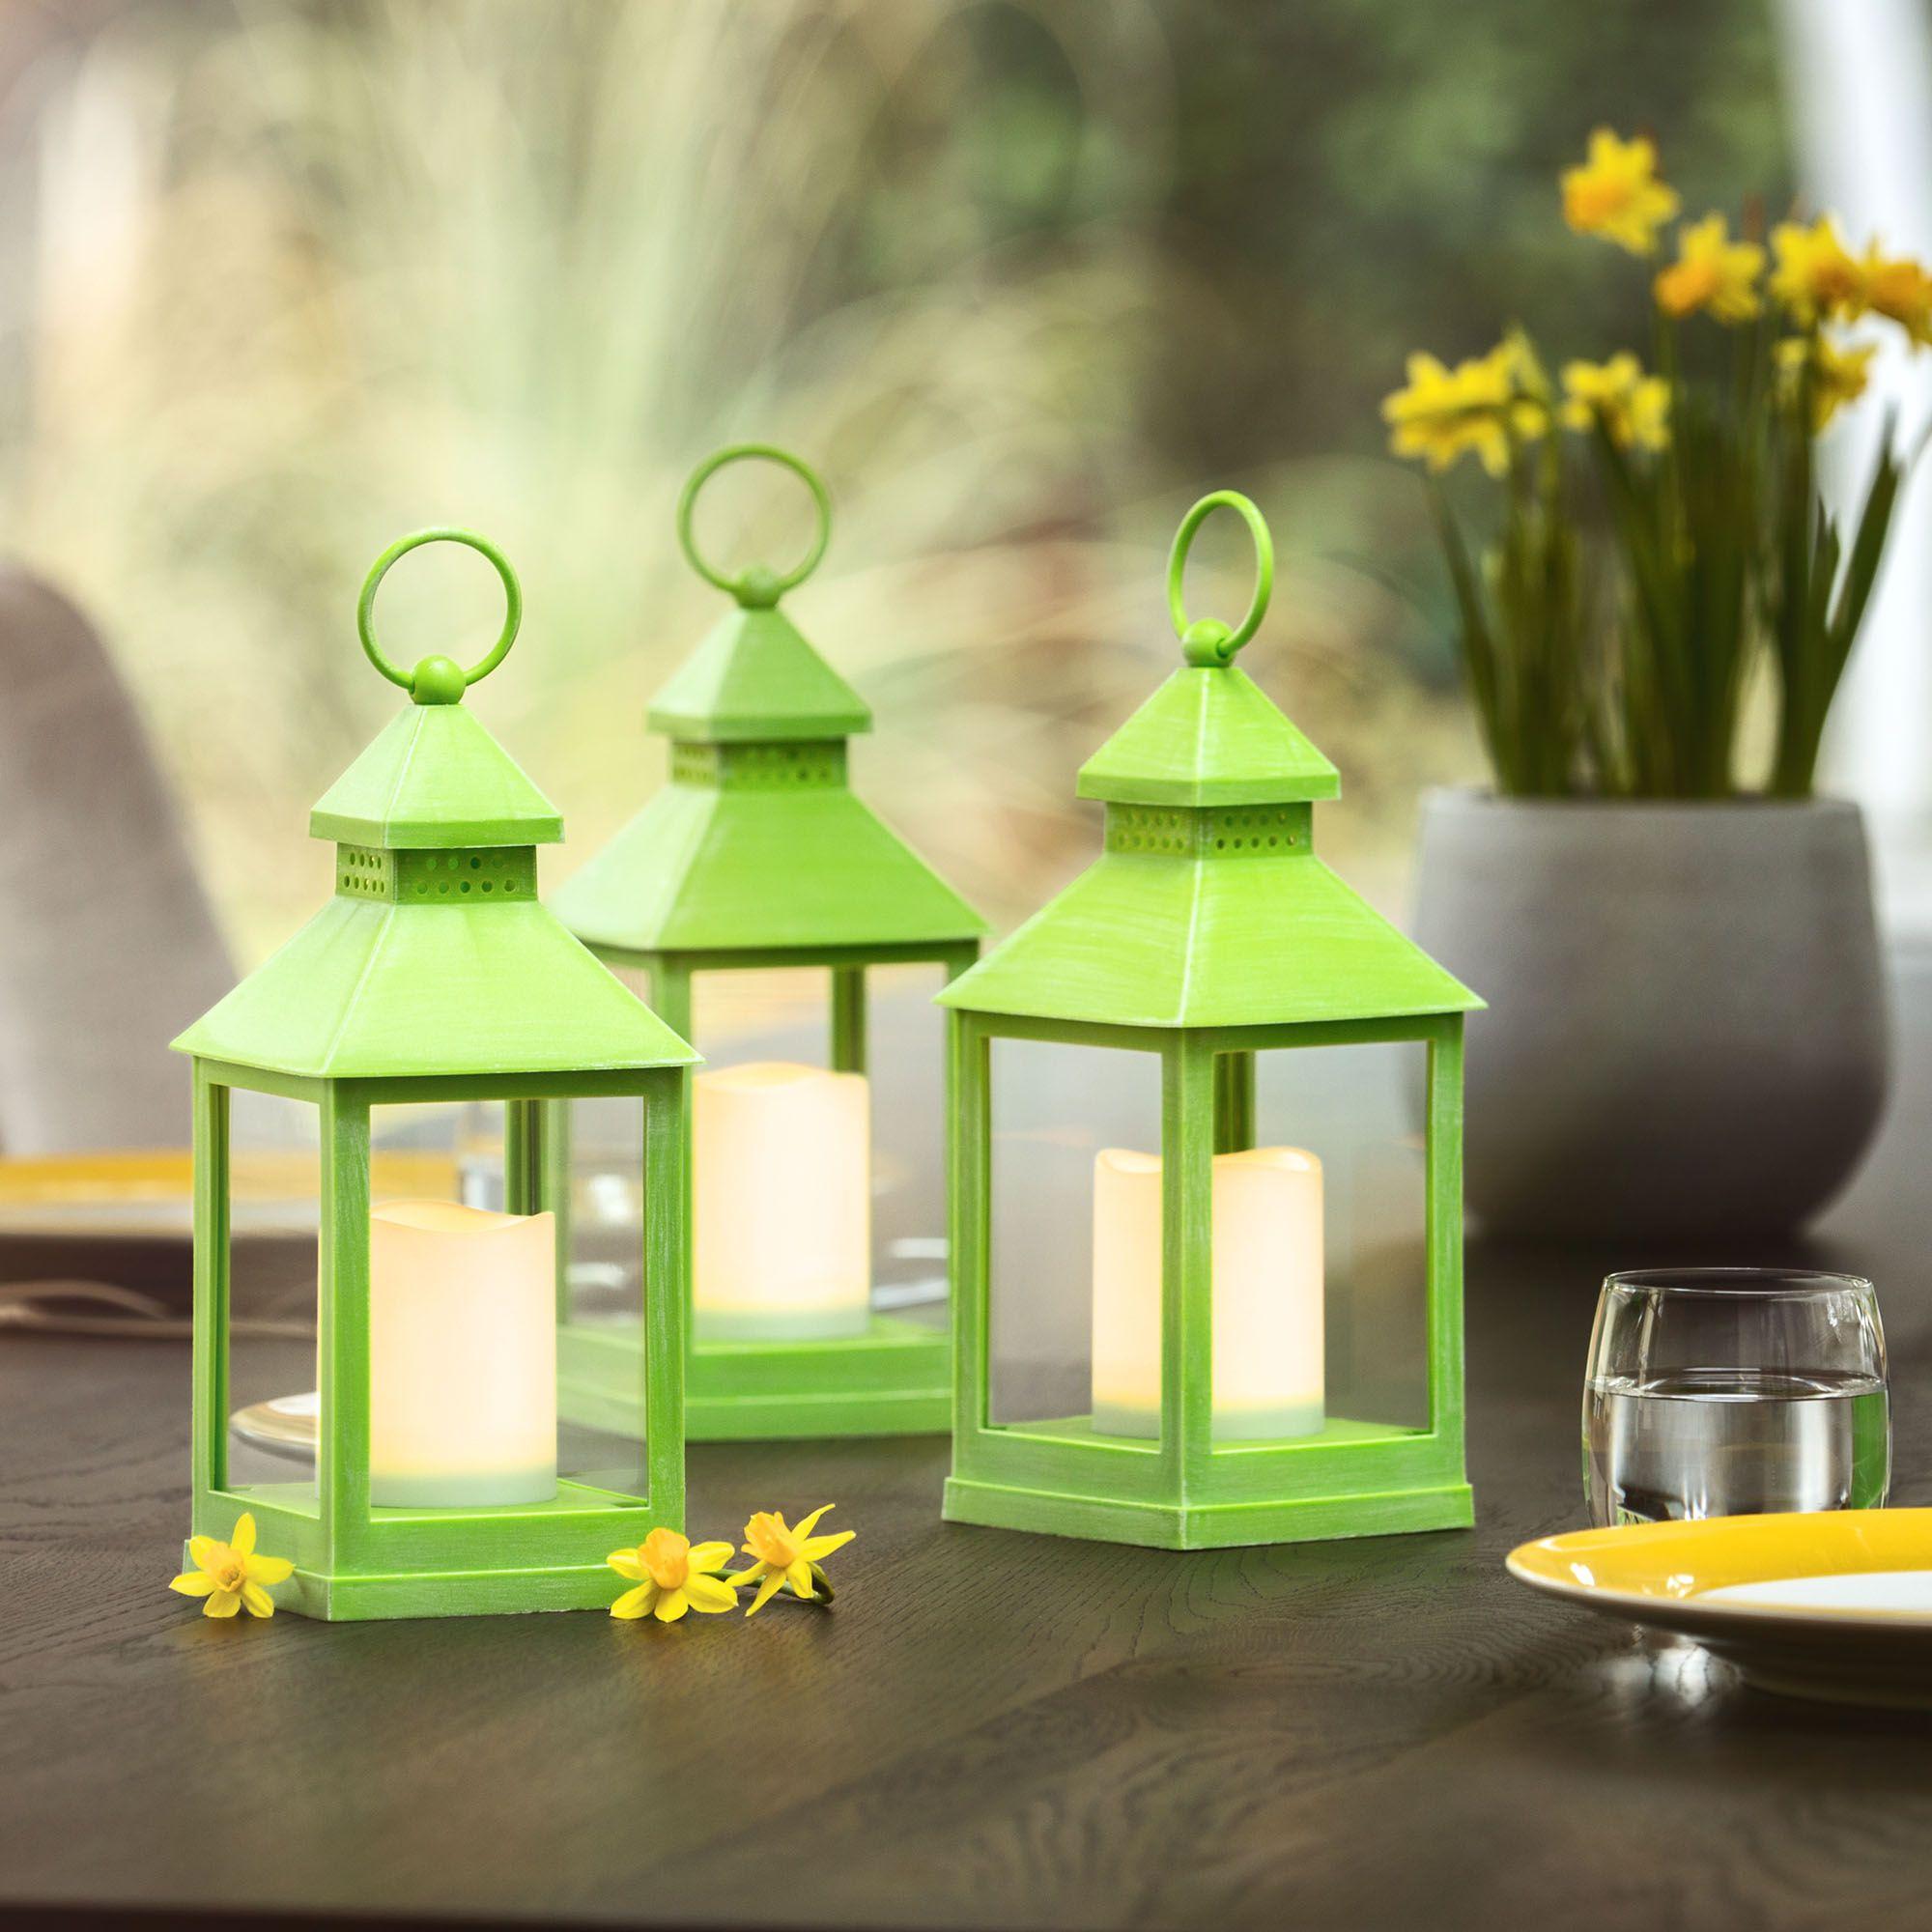 776155 Schöne Kerze Leuchtet In Verschiedenen Farben Dekorationen